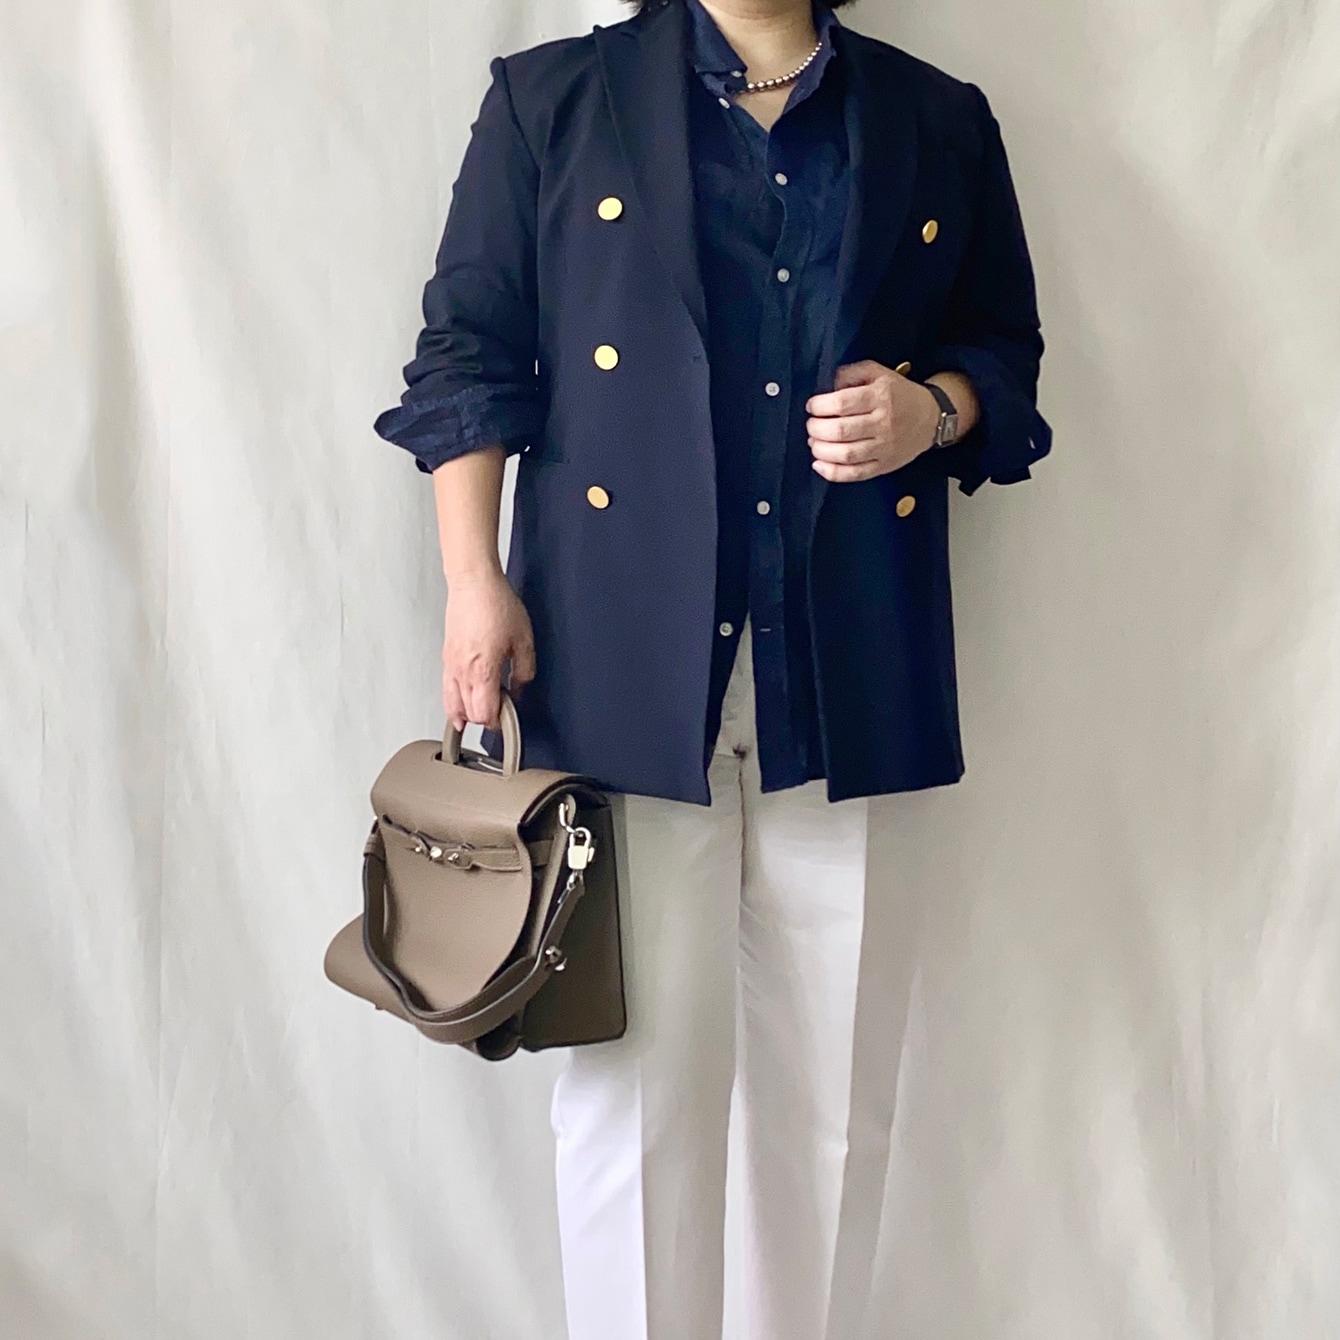 太め体型40代の悩みを解決する「今着たいコンサバきれいな仕事服」